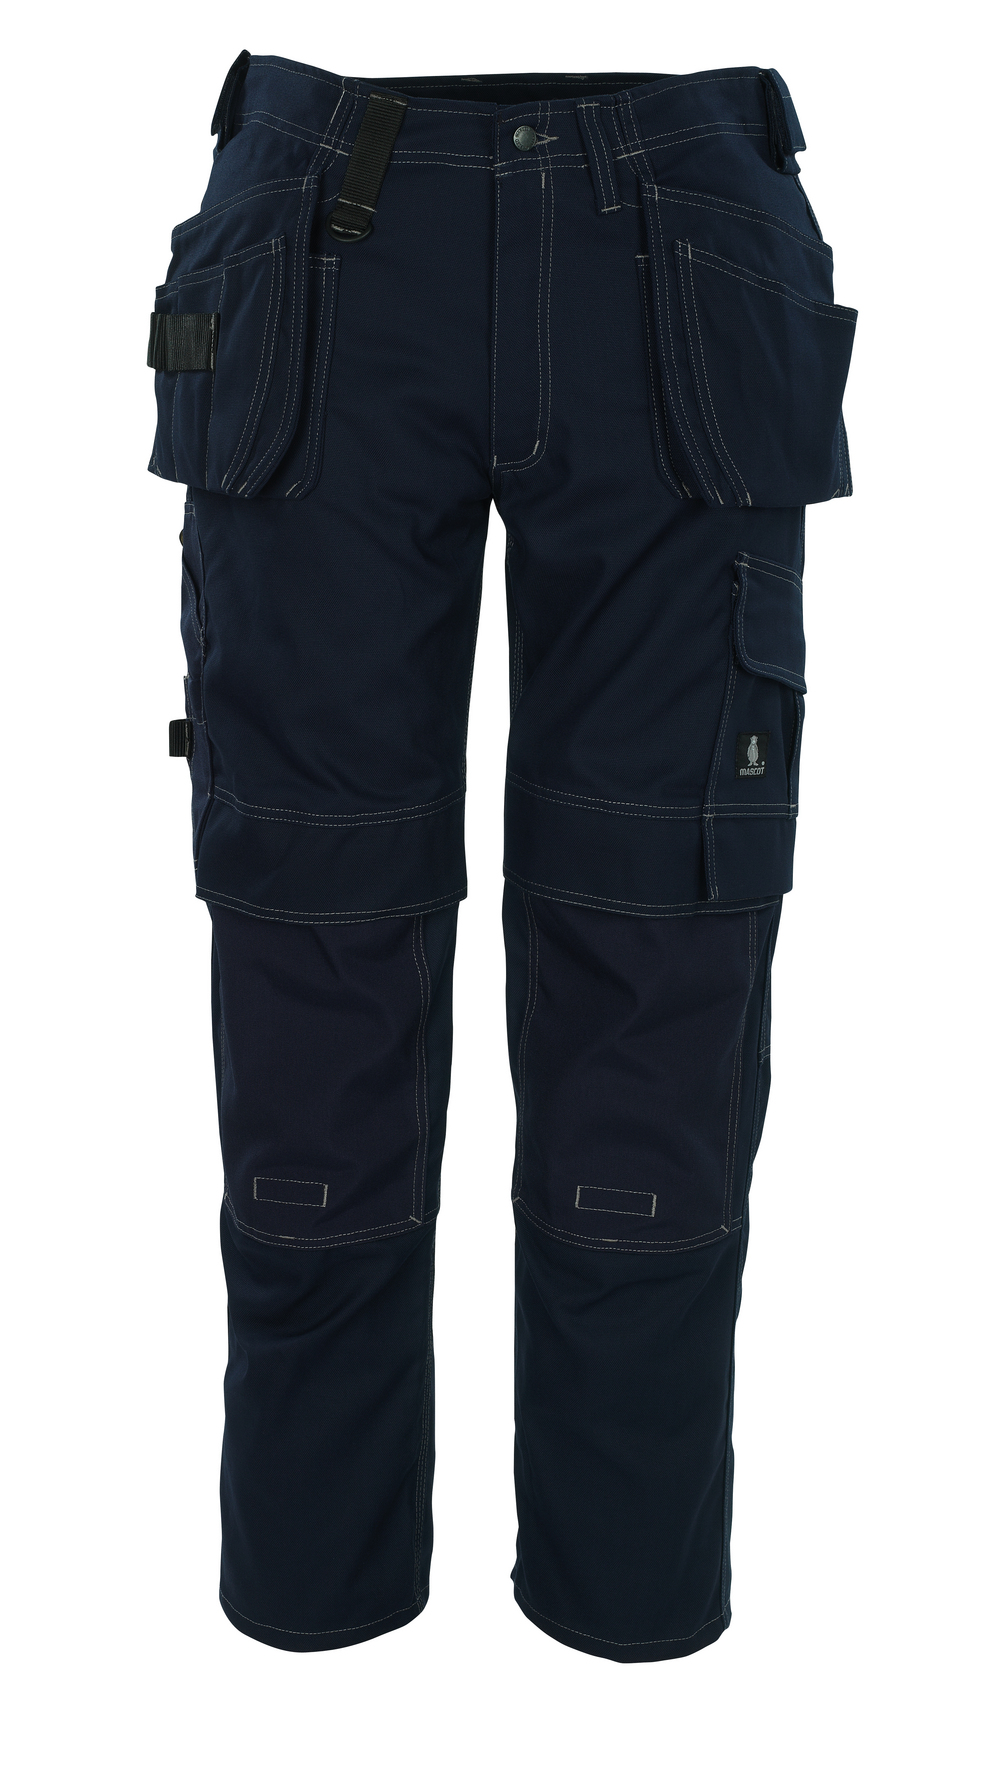 08131-010-01 Broek met knie- en spijkerzakken - marine